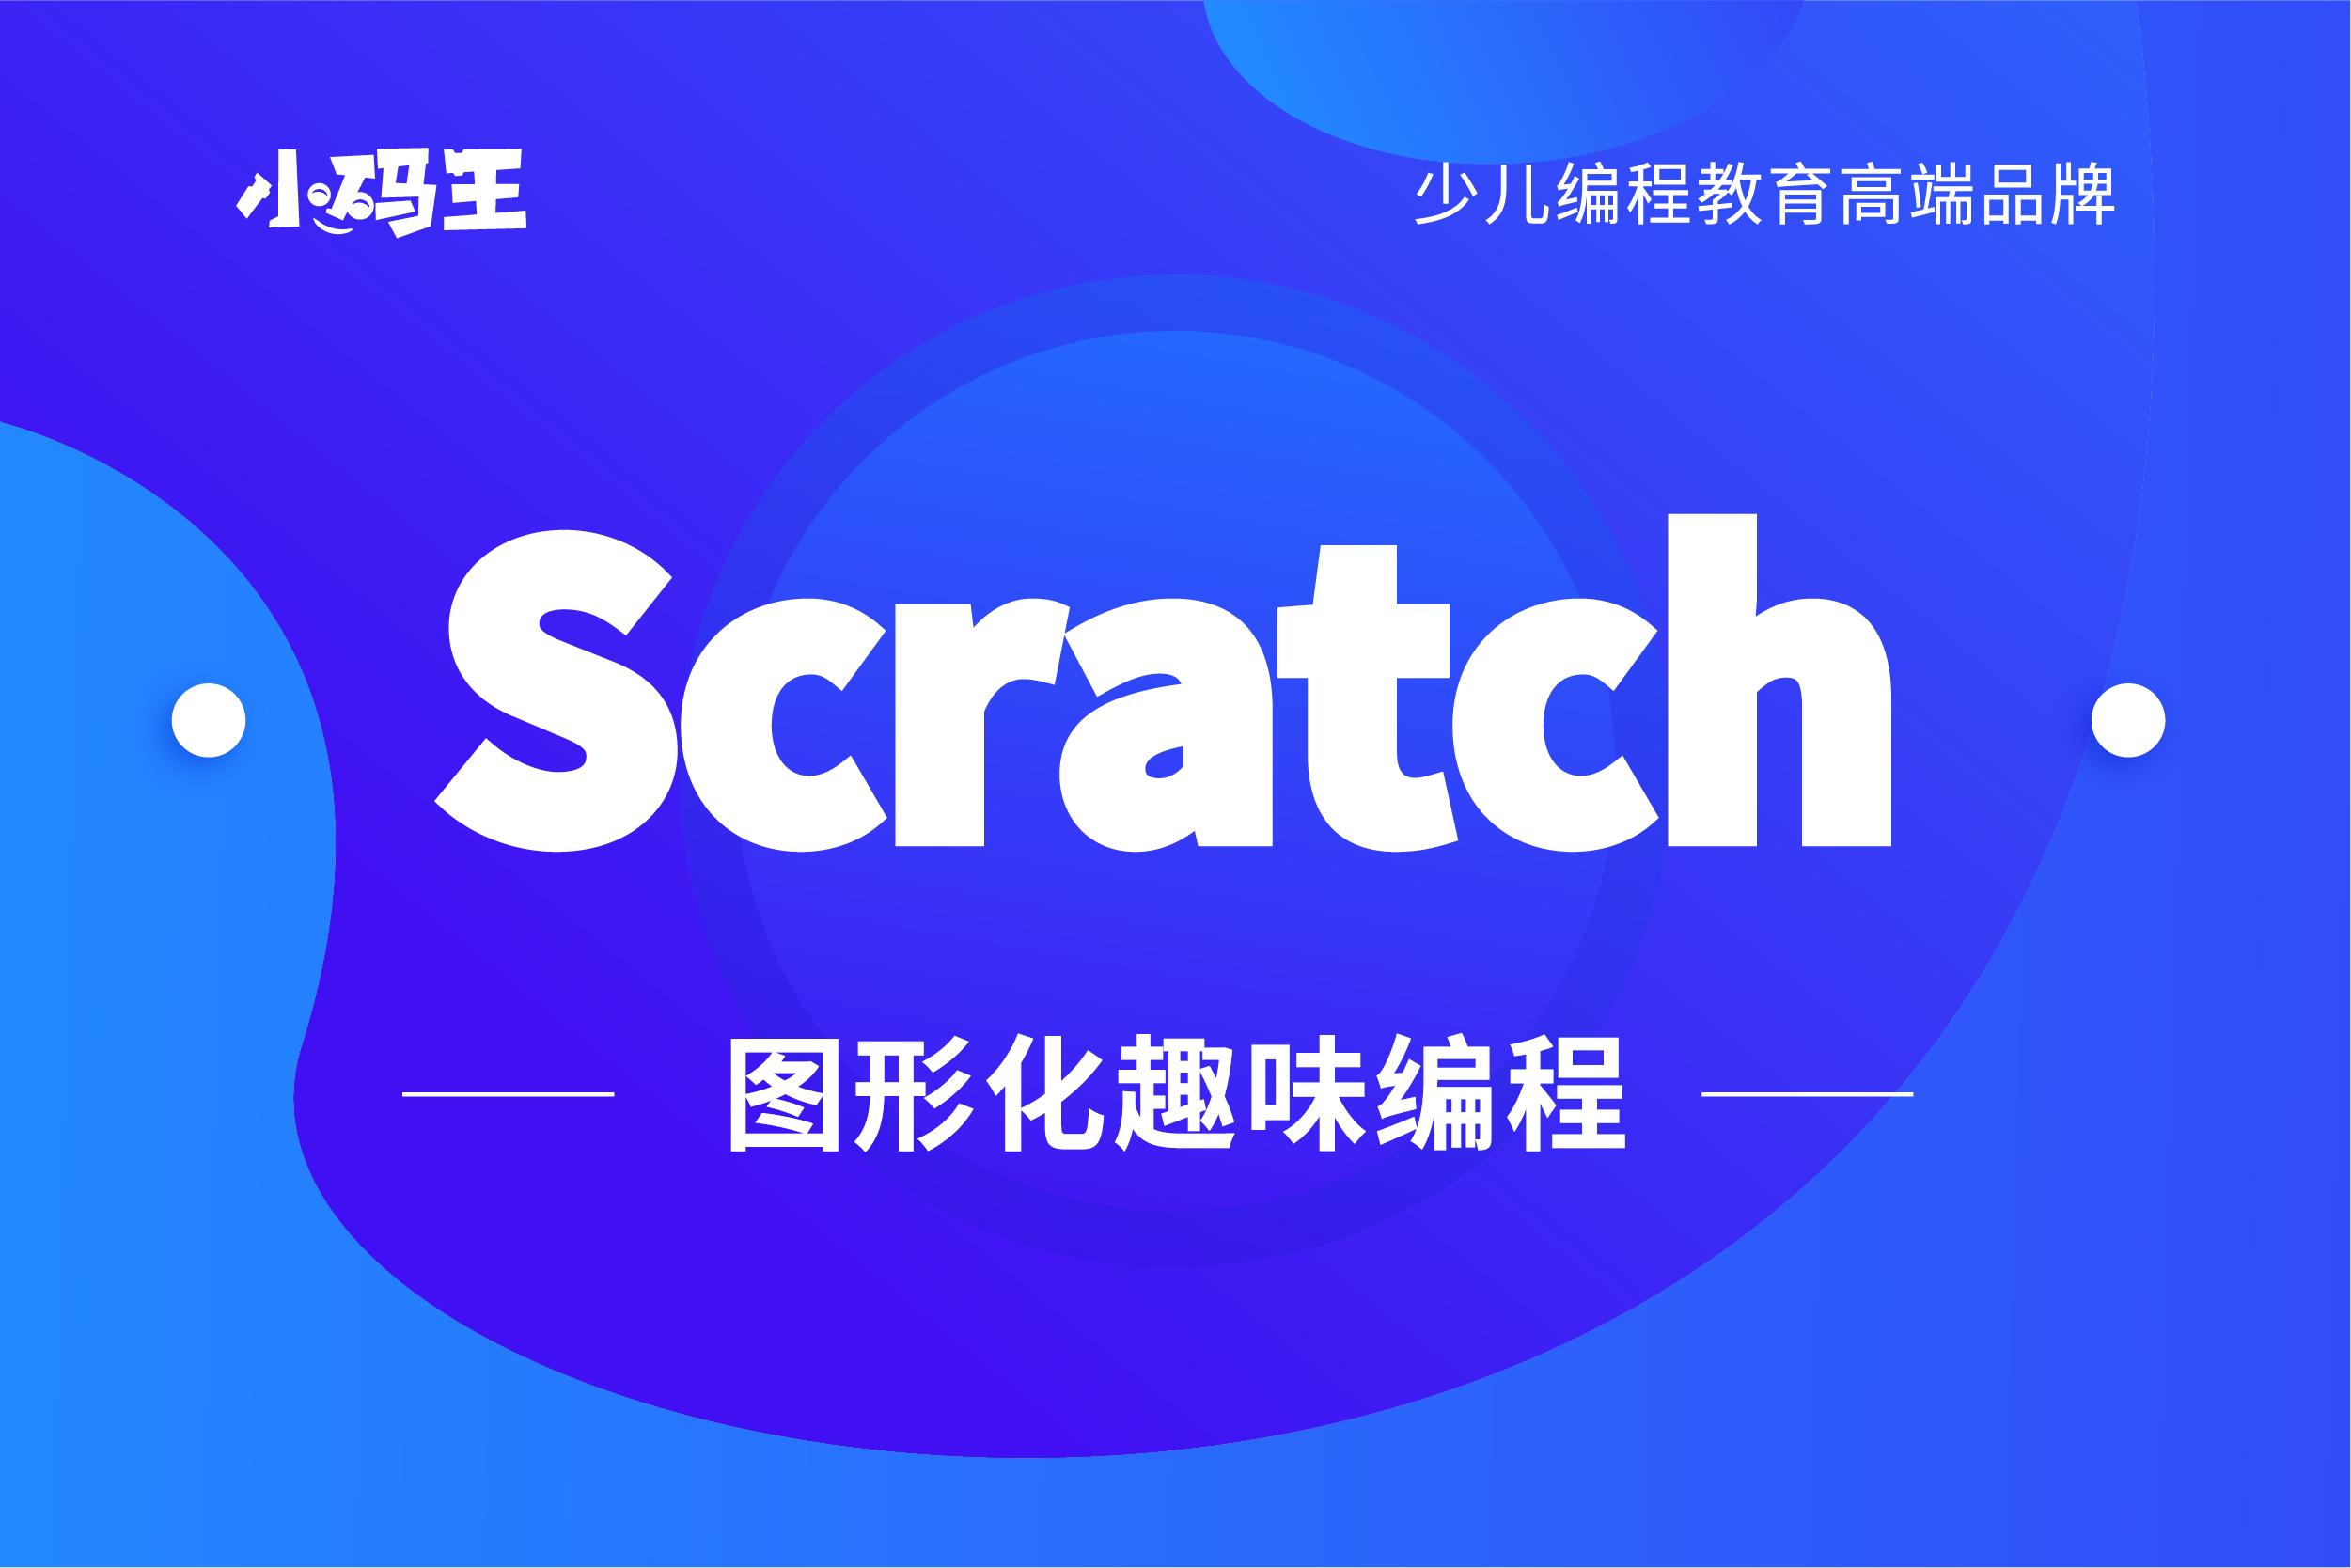 幼儿scratch编程培训机构哪里好